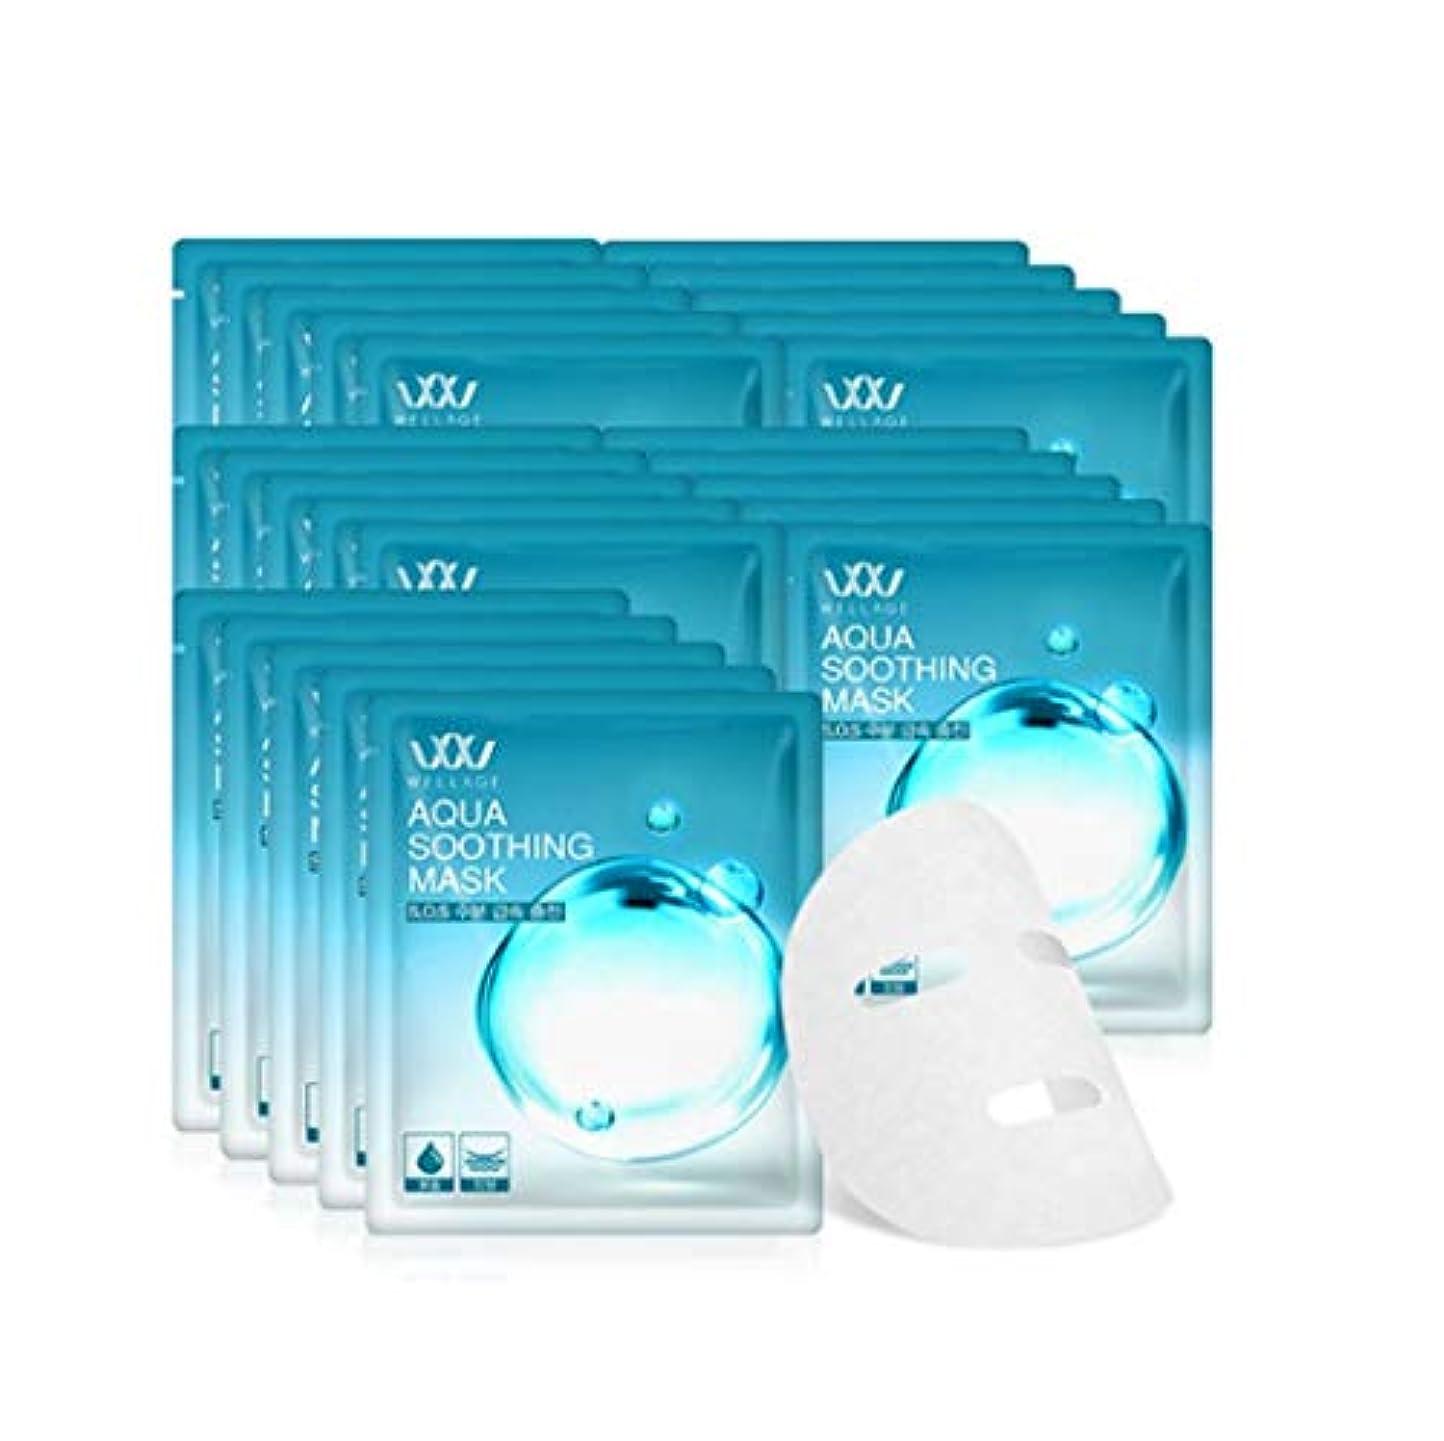 番号極貧原稿WELLAGE Aqua Soothing Mask Sheet 25枚 S.O.S水分急速充電マスクパック(海外直送品)